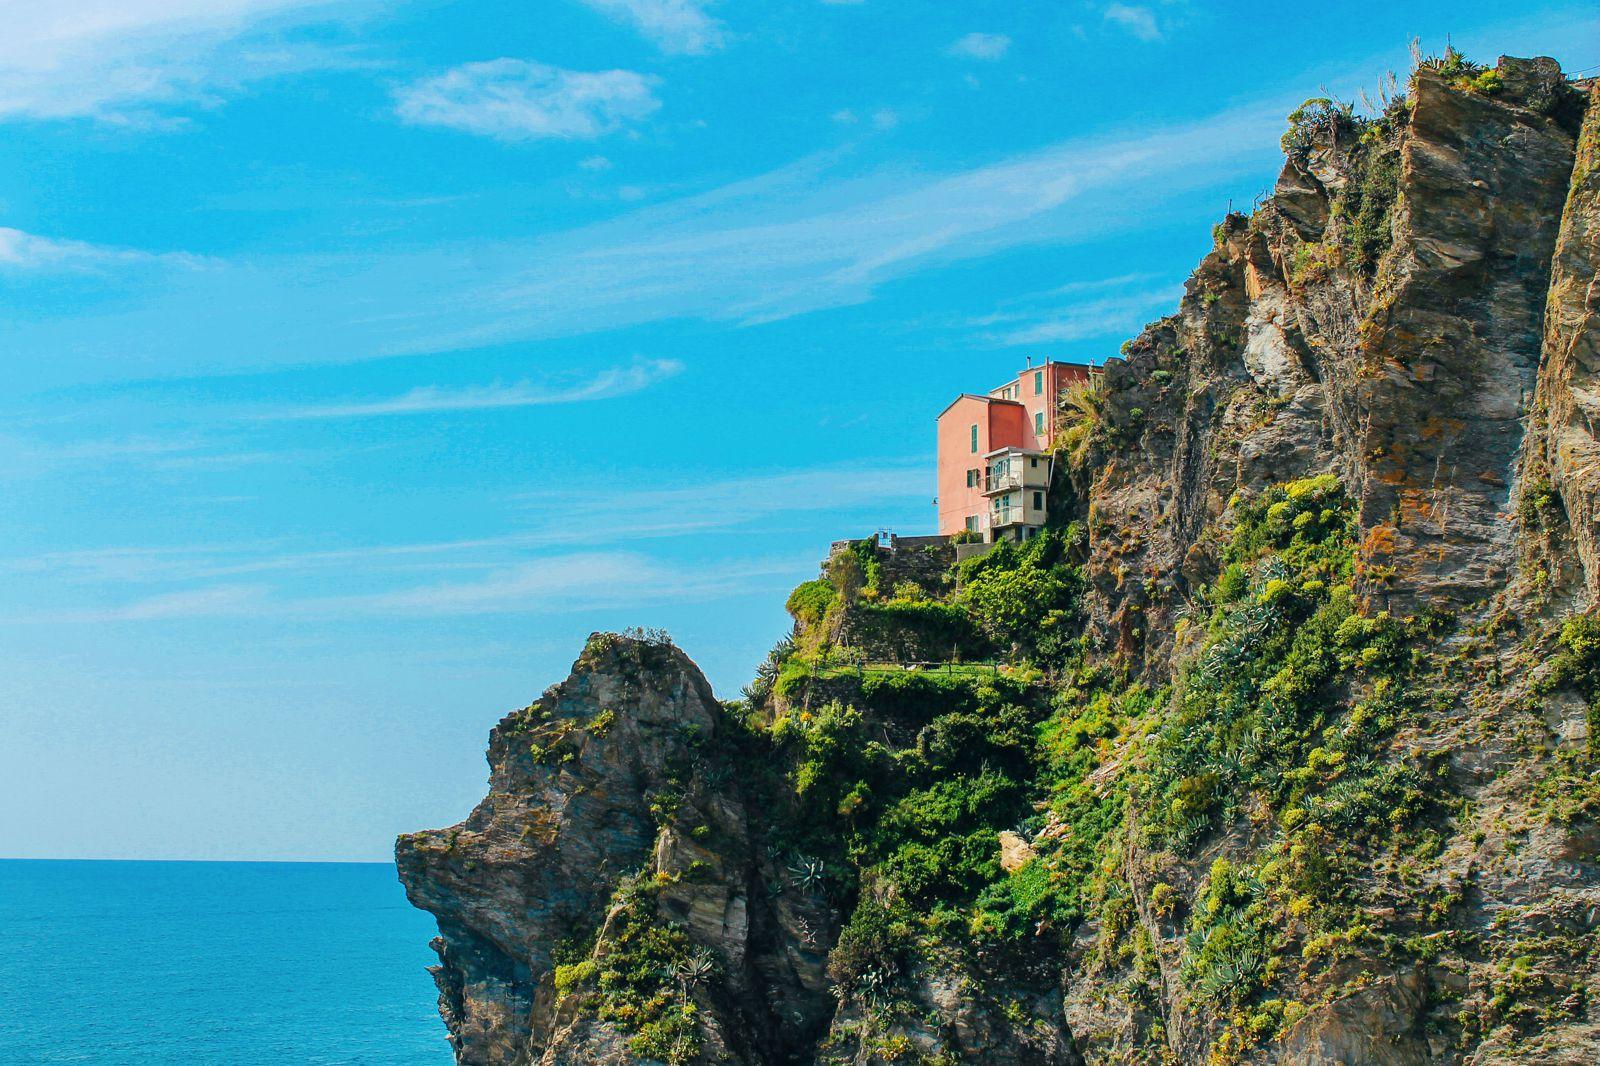 Corniglia in Cinque Terre, Italy - The Photo Diary! [3 of 5] (19)